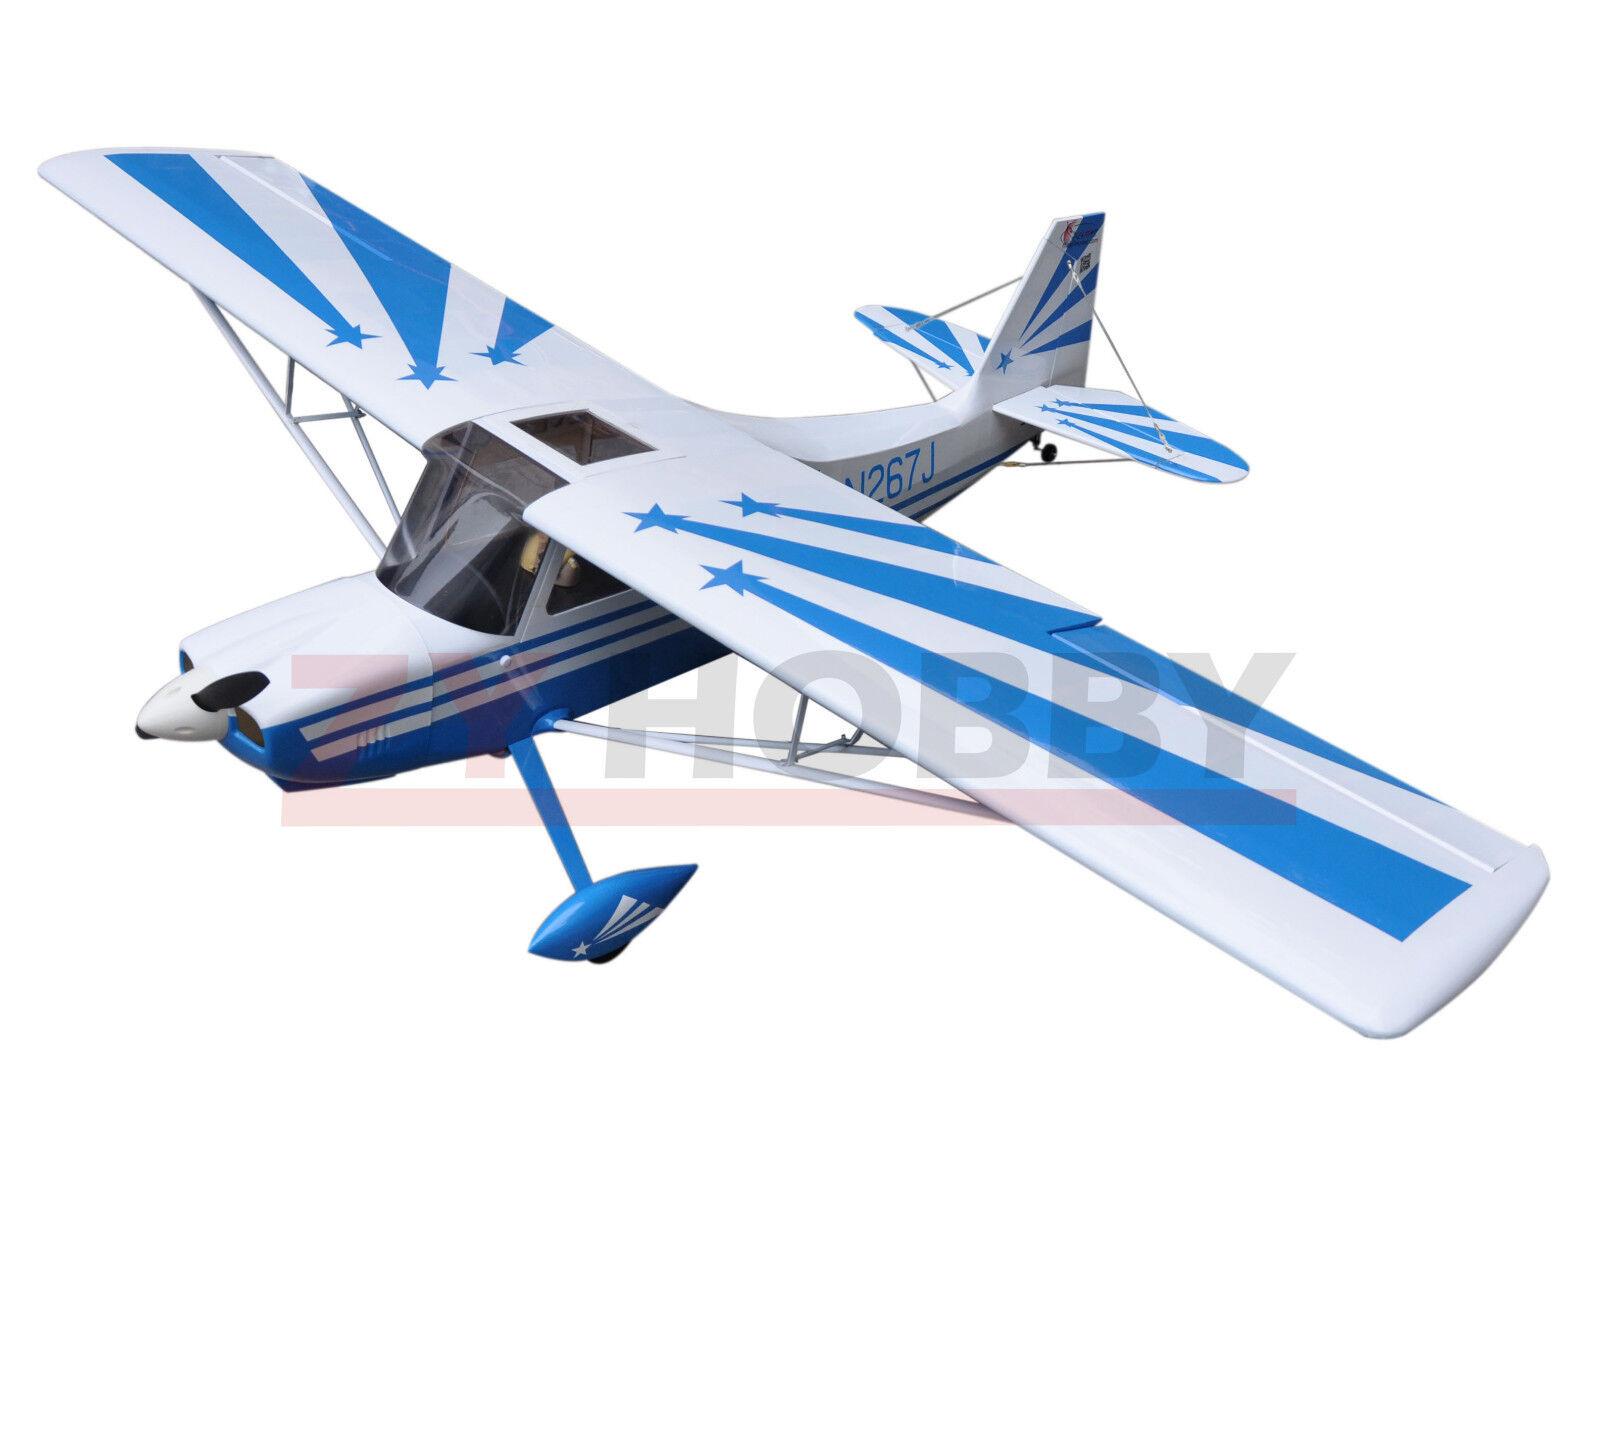 Super Decathlon 72  1828.8mm Nitro & Electric  RC Wooden Plane 3D Aircraft bianca  risparmia fino al 30-50% di sconto